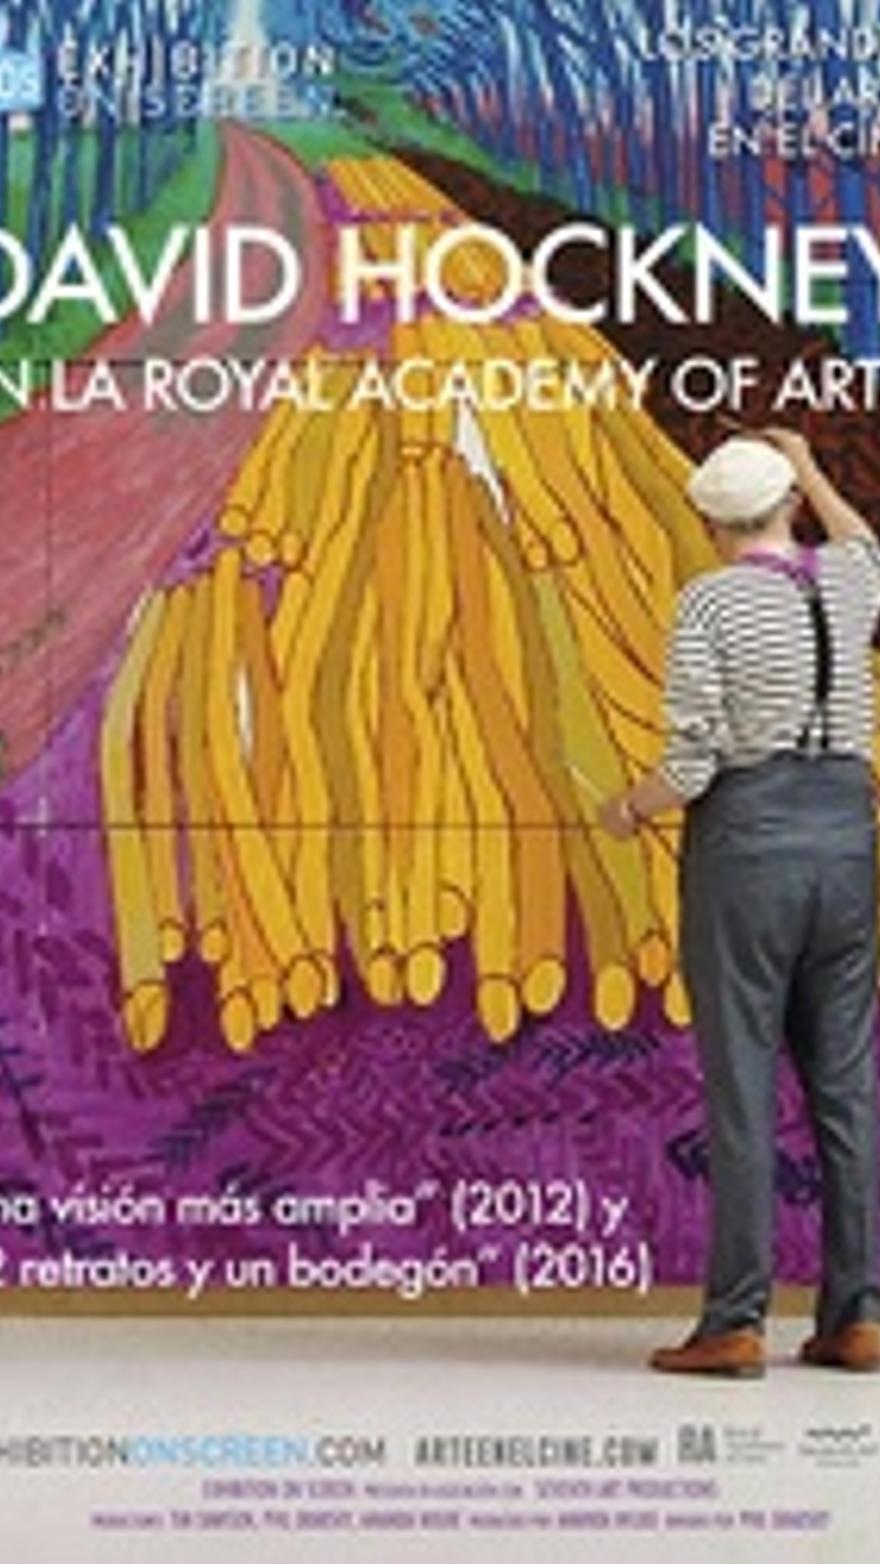 David Hockney en la Royal Academy of Arts